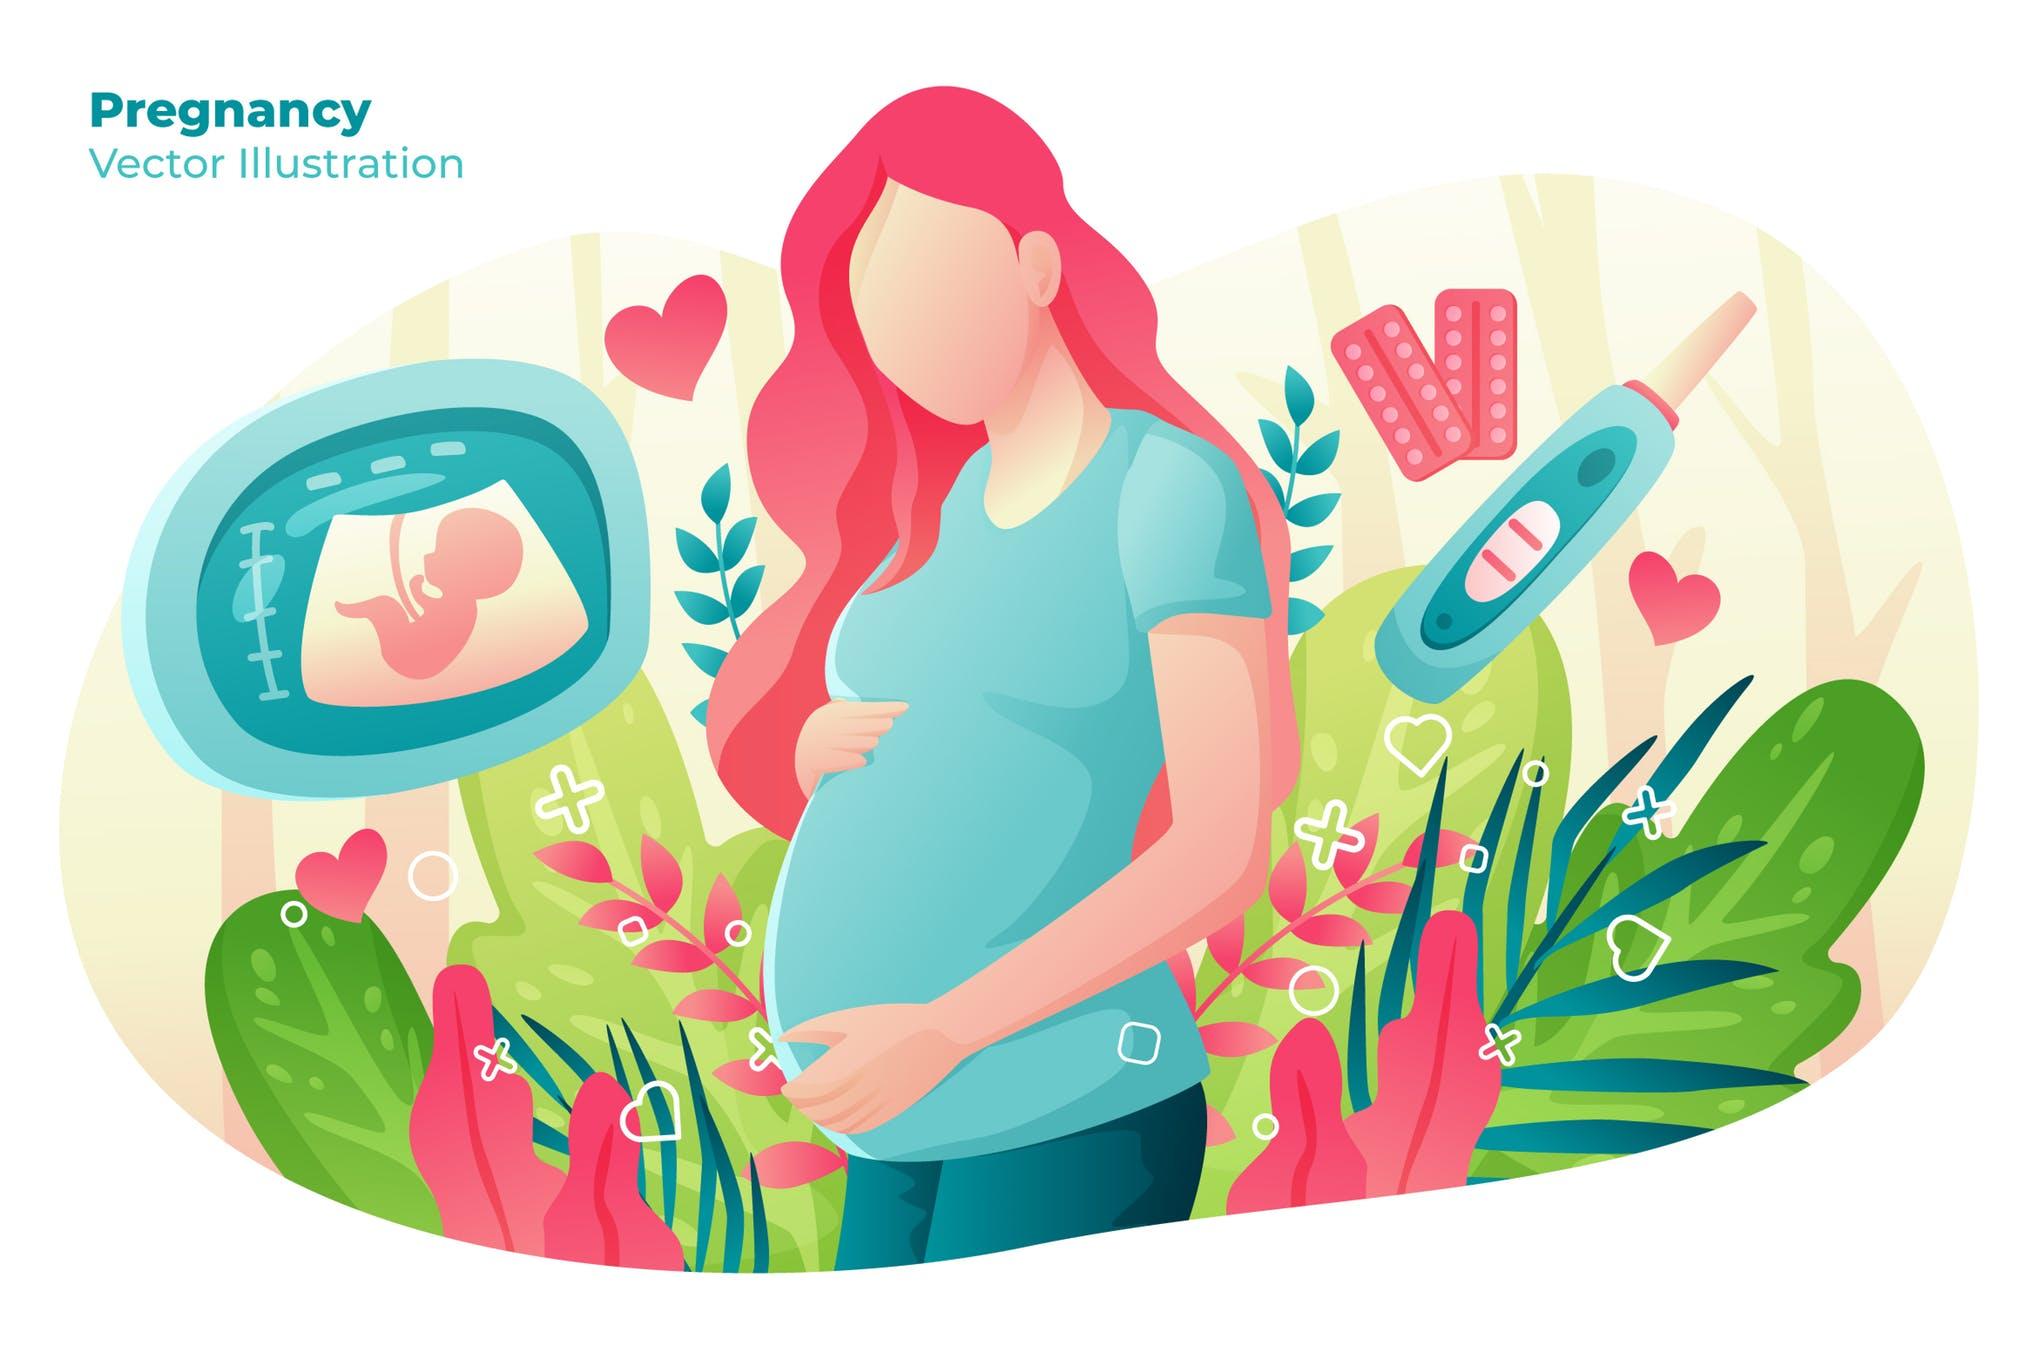 母婴孕育生命创意插画卡通素材下载Pregnancy - Vector Illustration